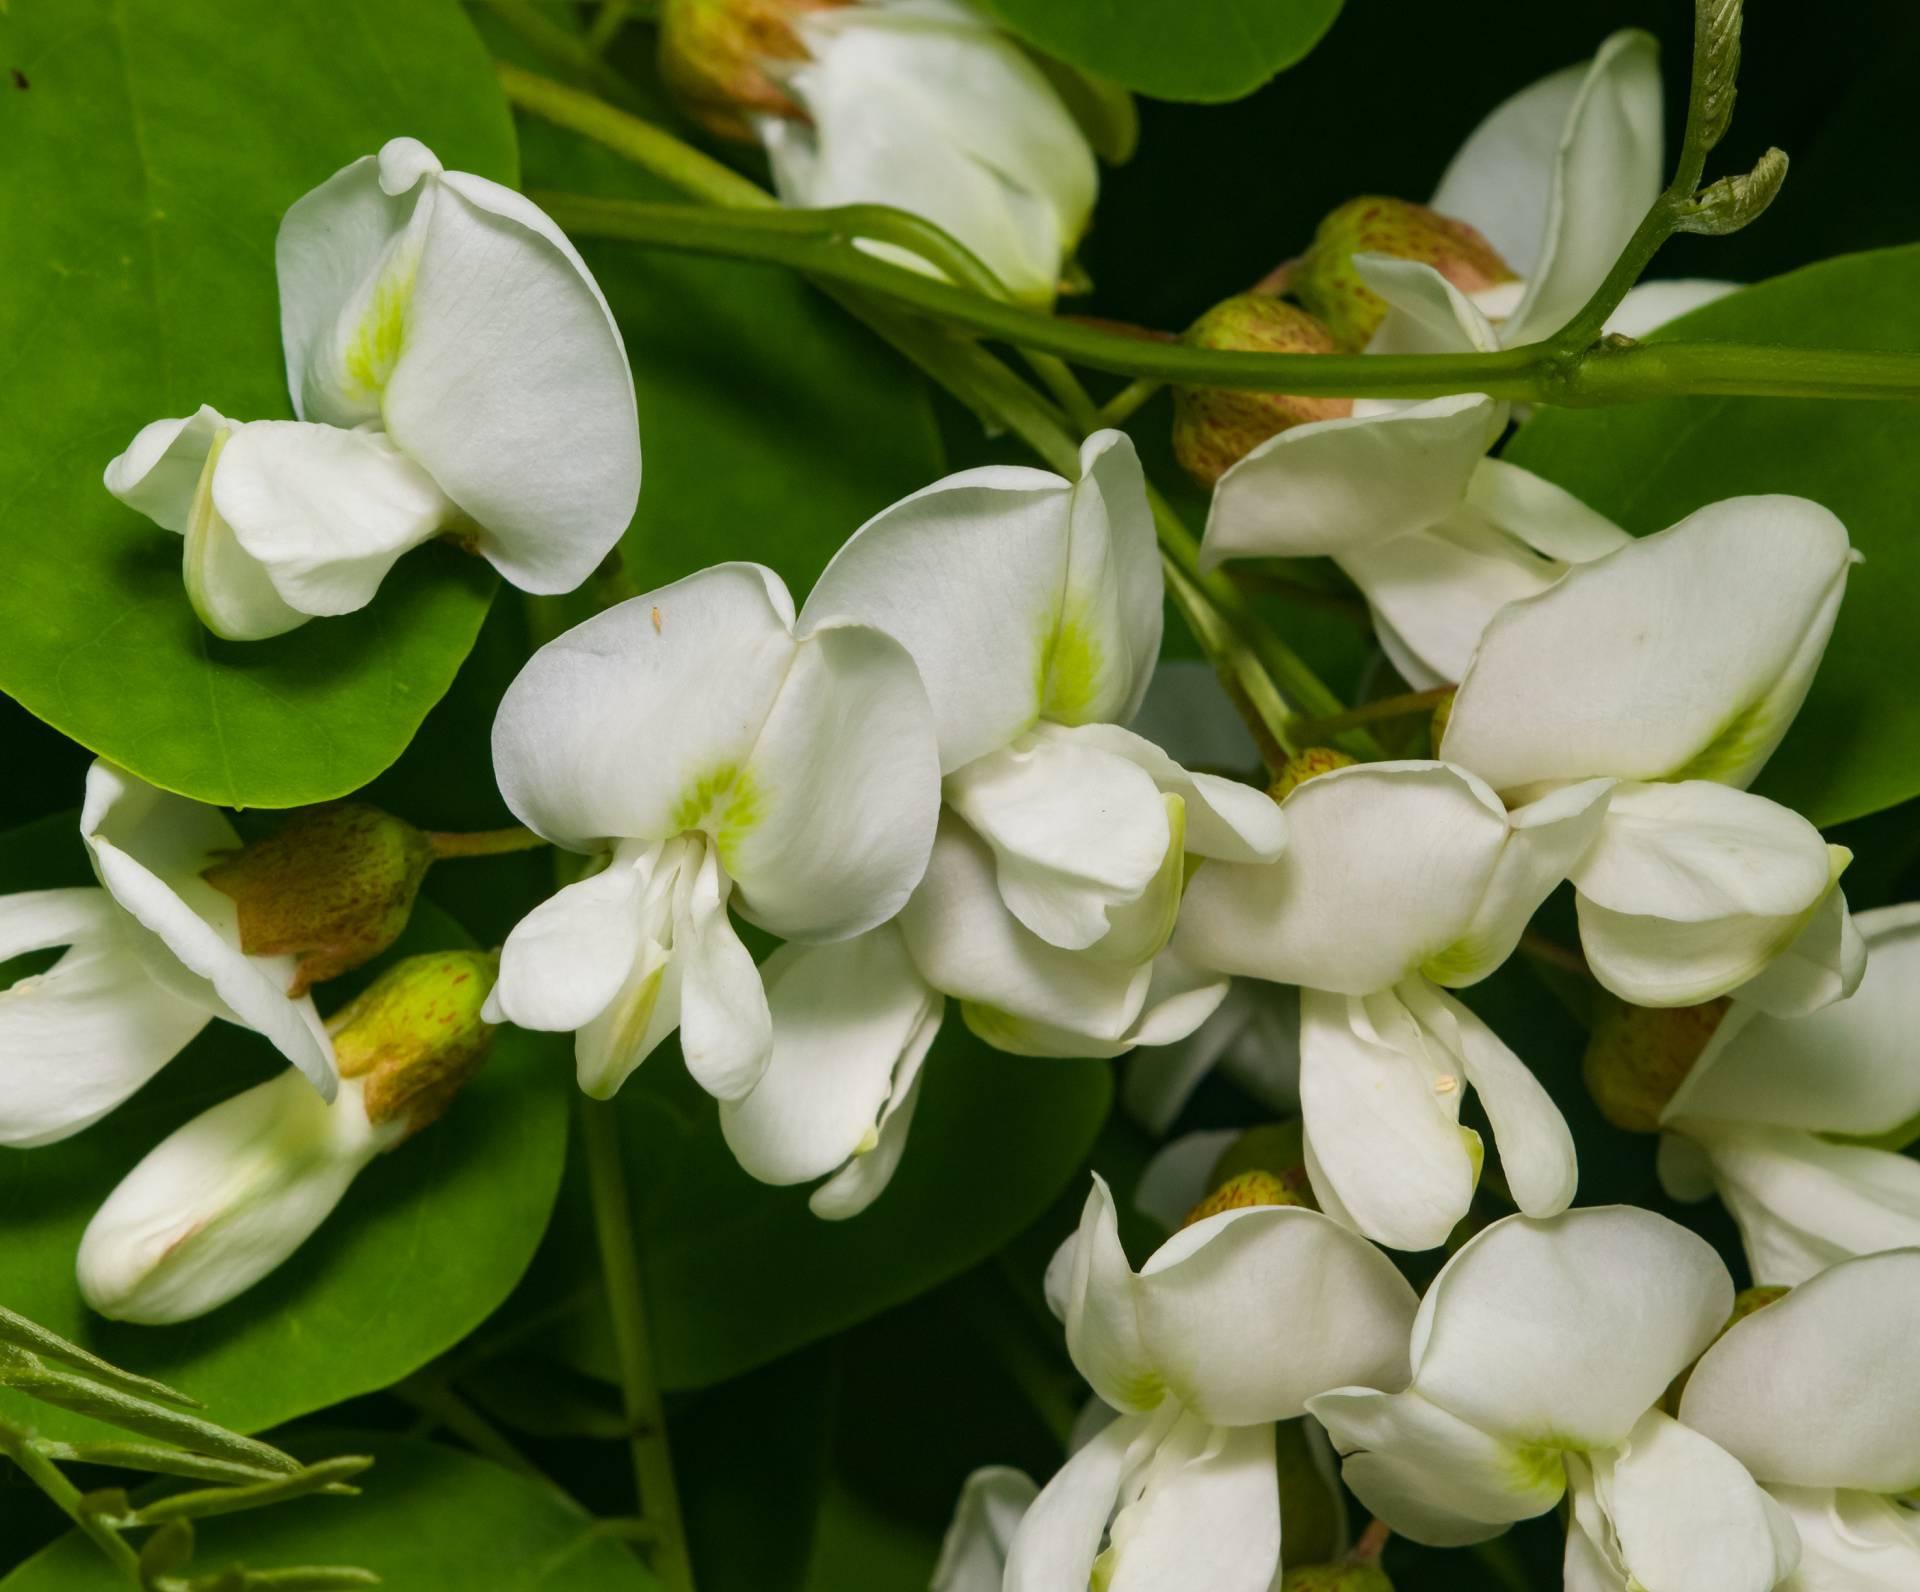 Mirisni cvjetovi bagrema suše se za čaj ili peku u palačinkama